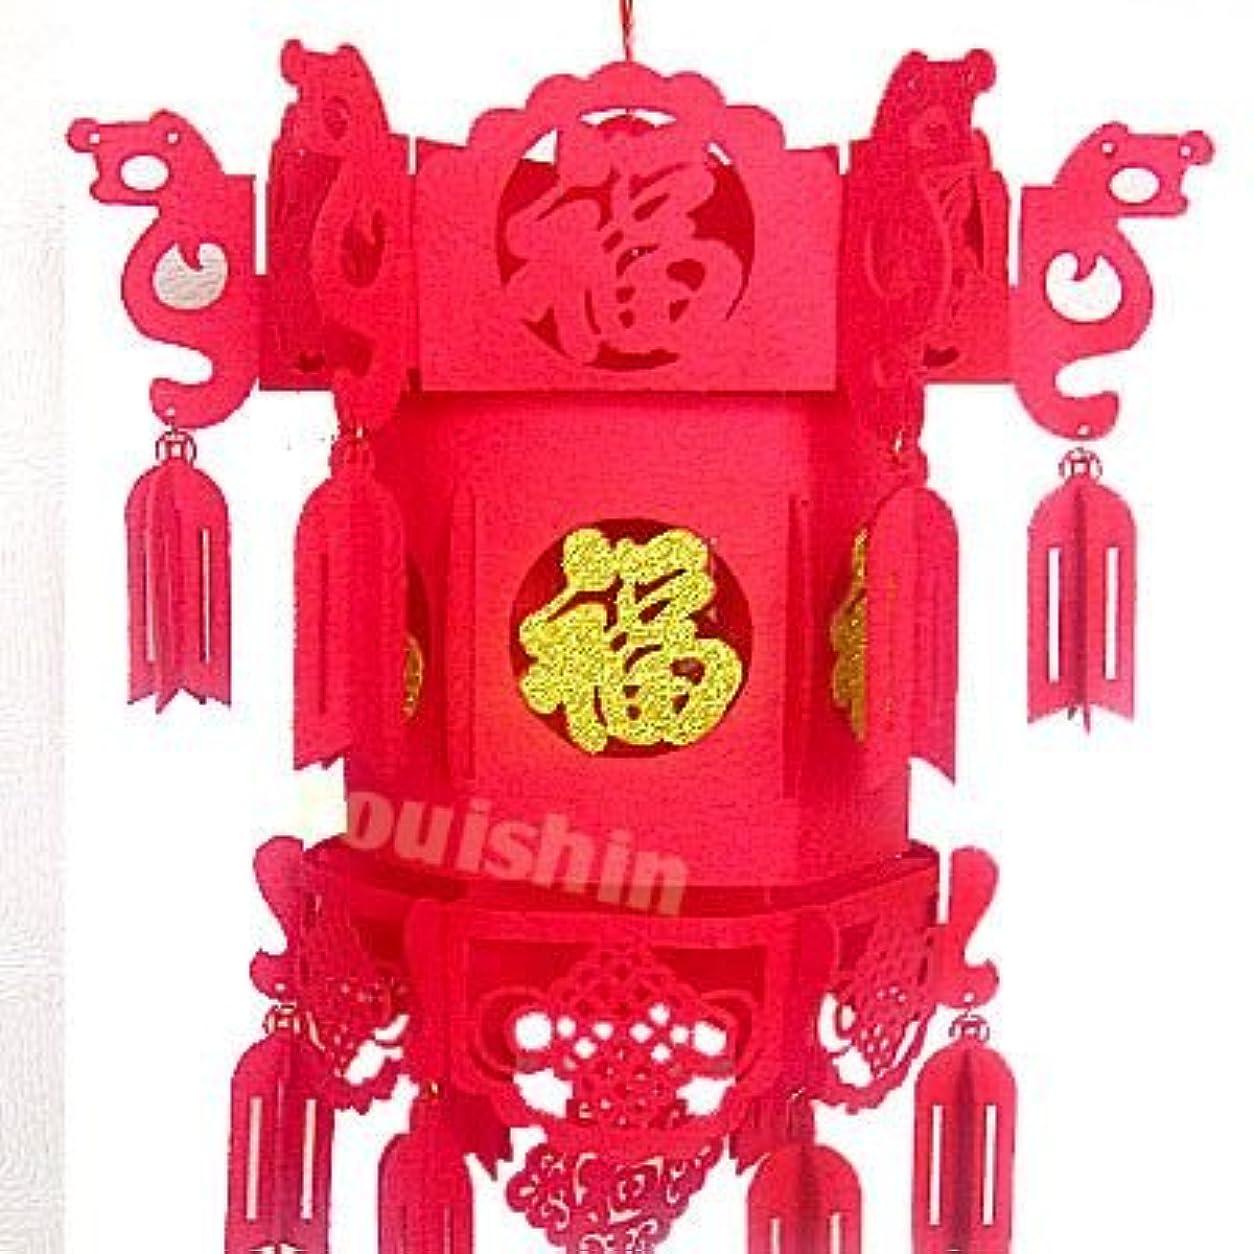 アーティキュレーションおばあさん志す中国提灯 折り畳みフェルトランタン